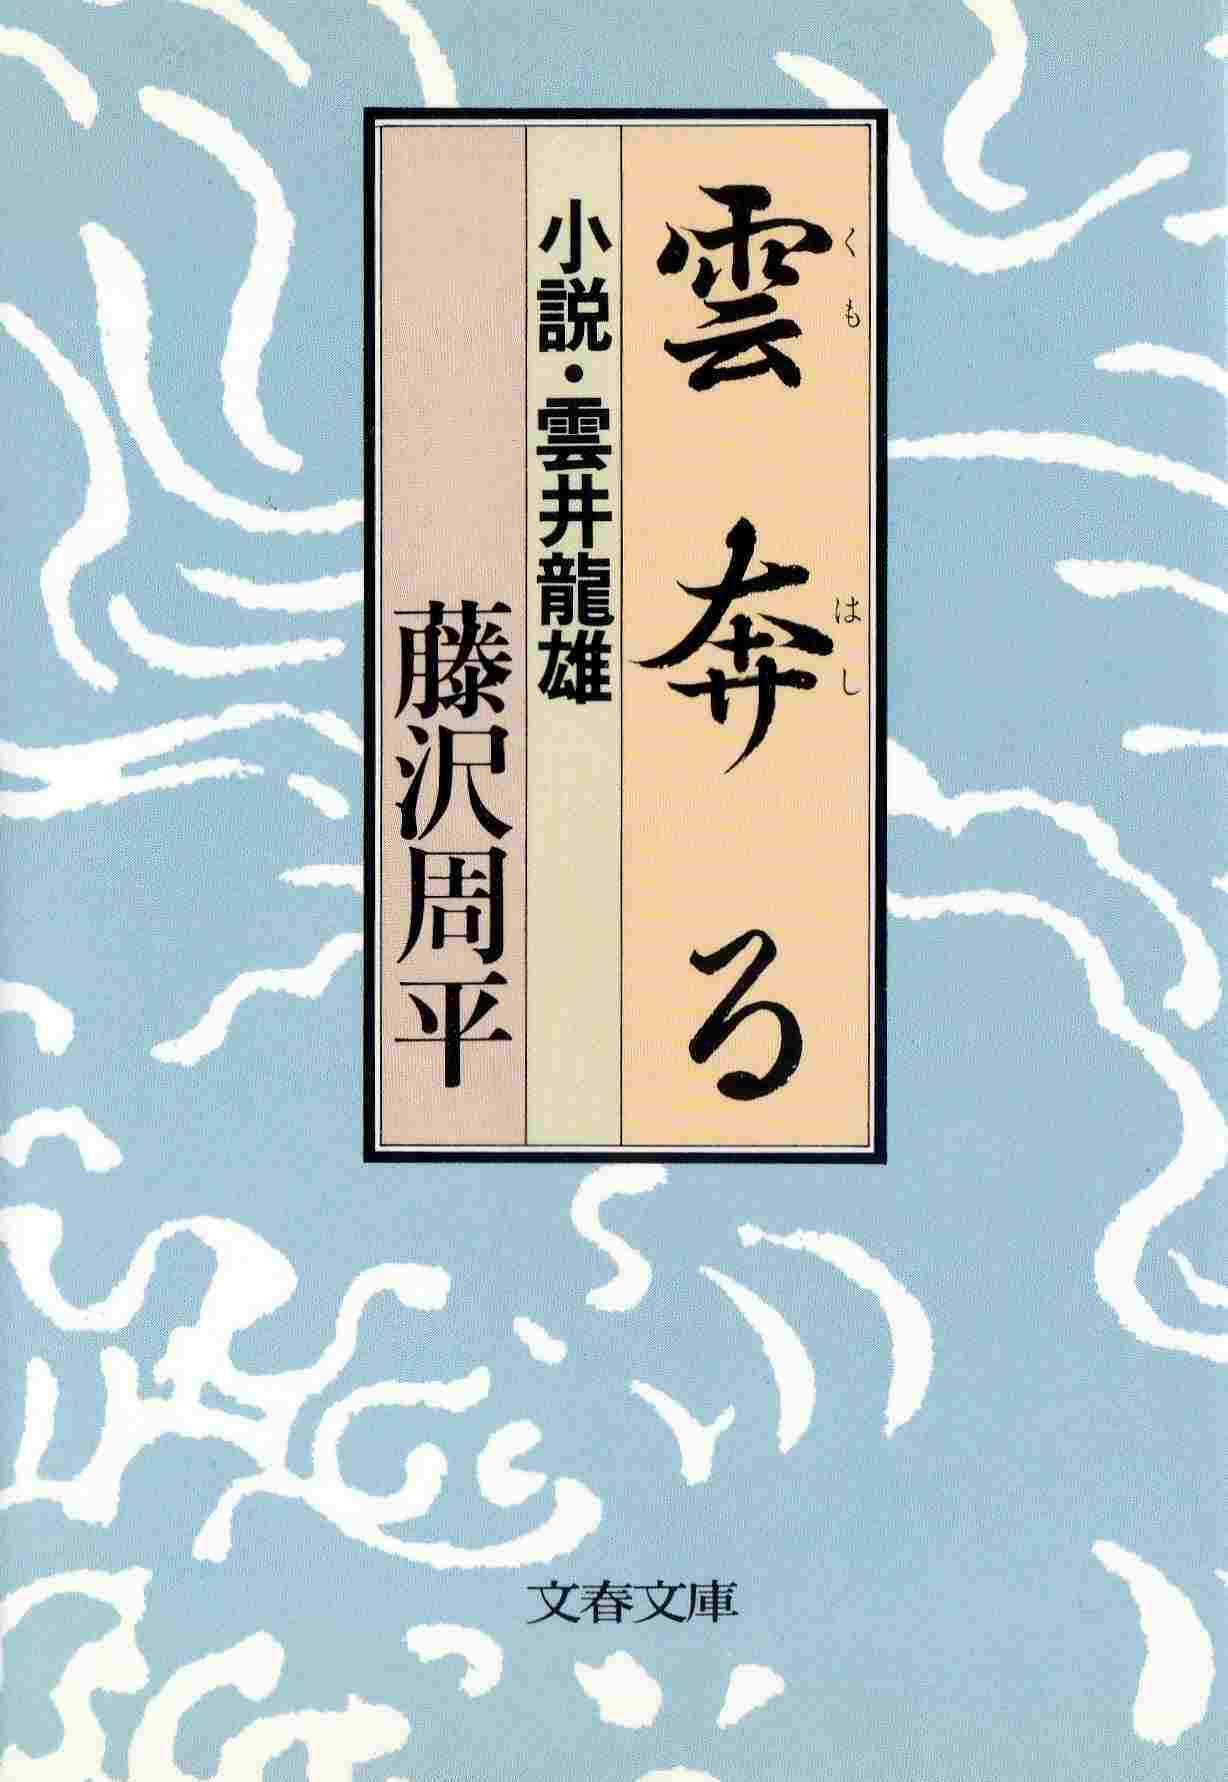 藤沢周平の歴史小説 _d0338347_08404102.jpg